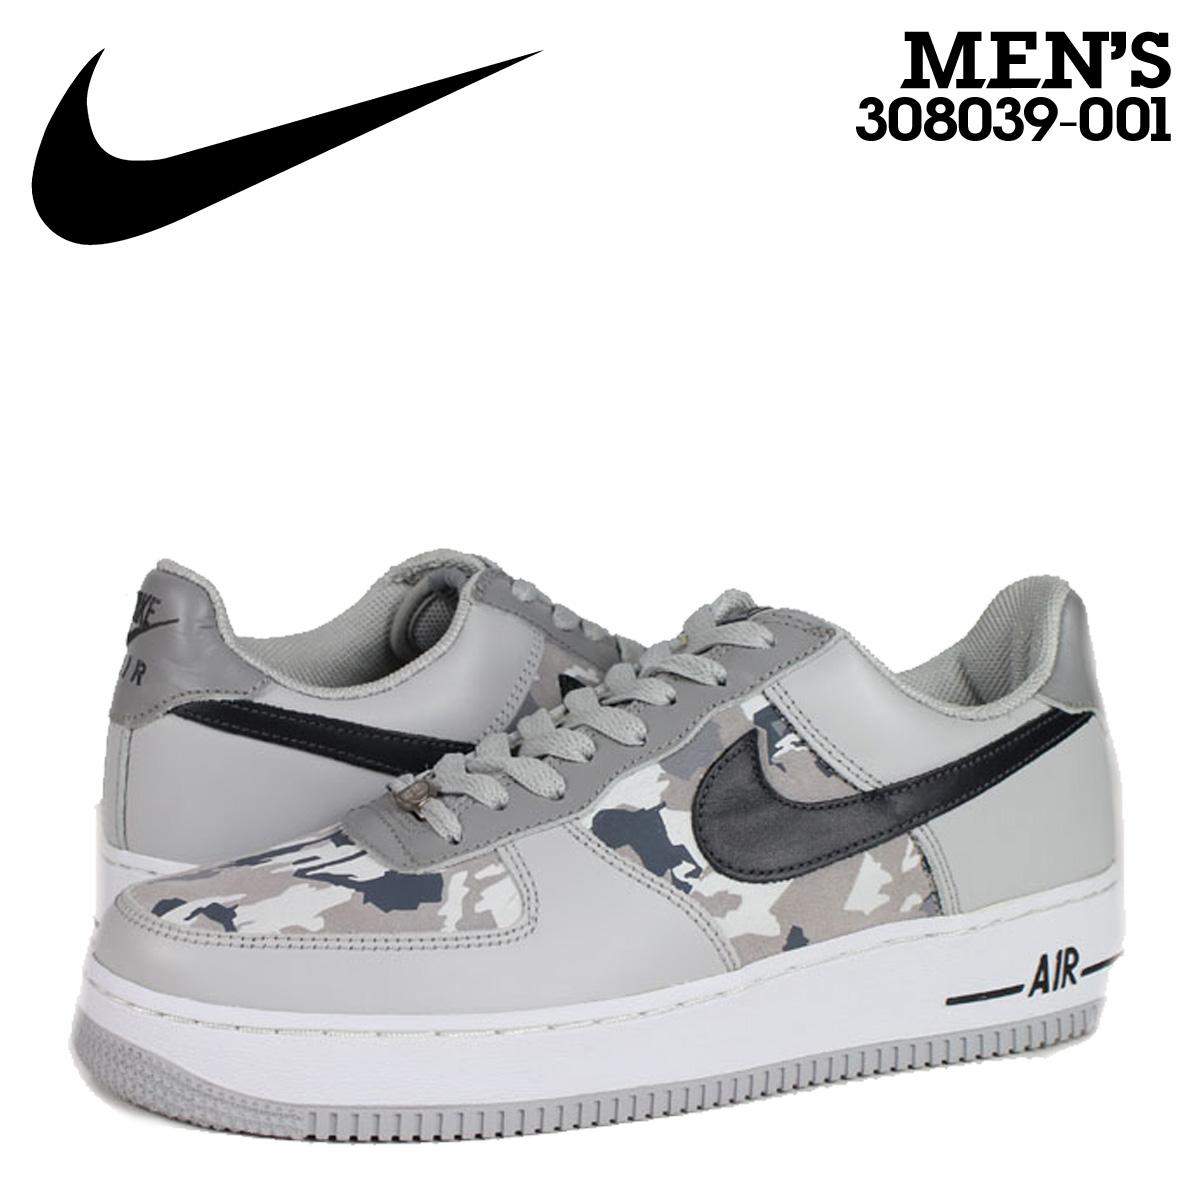 NIKE AIR FORCE 1 PREMIUM NEUTRAL Nike air force sneakers air force 308,039 001 gray men